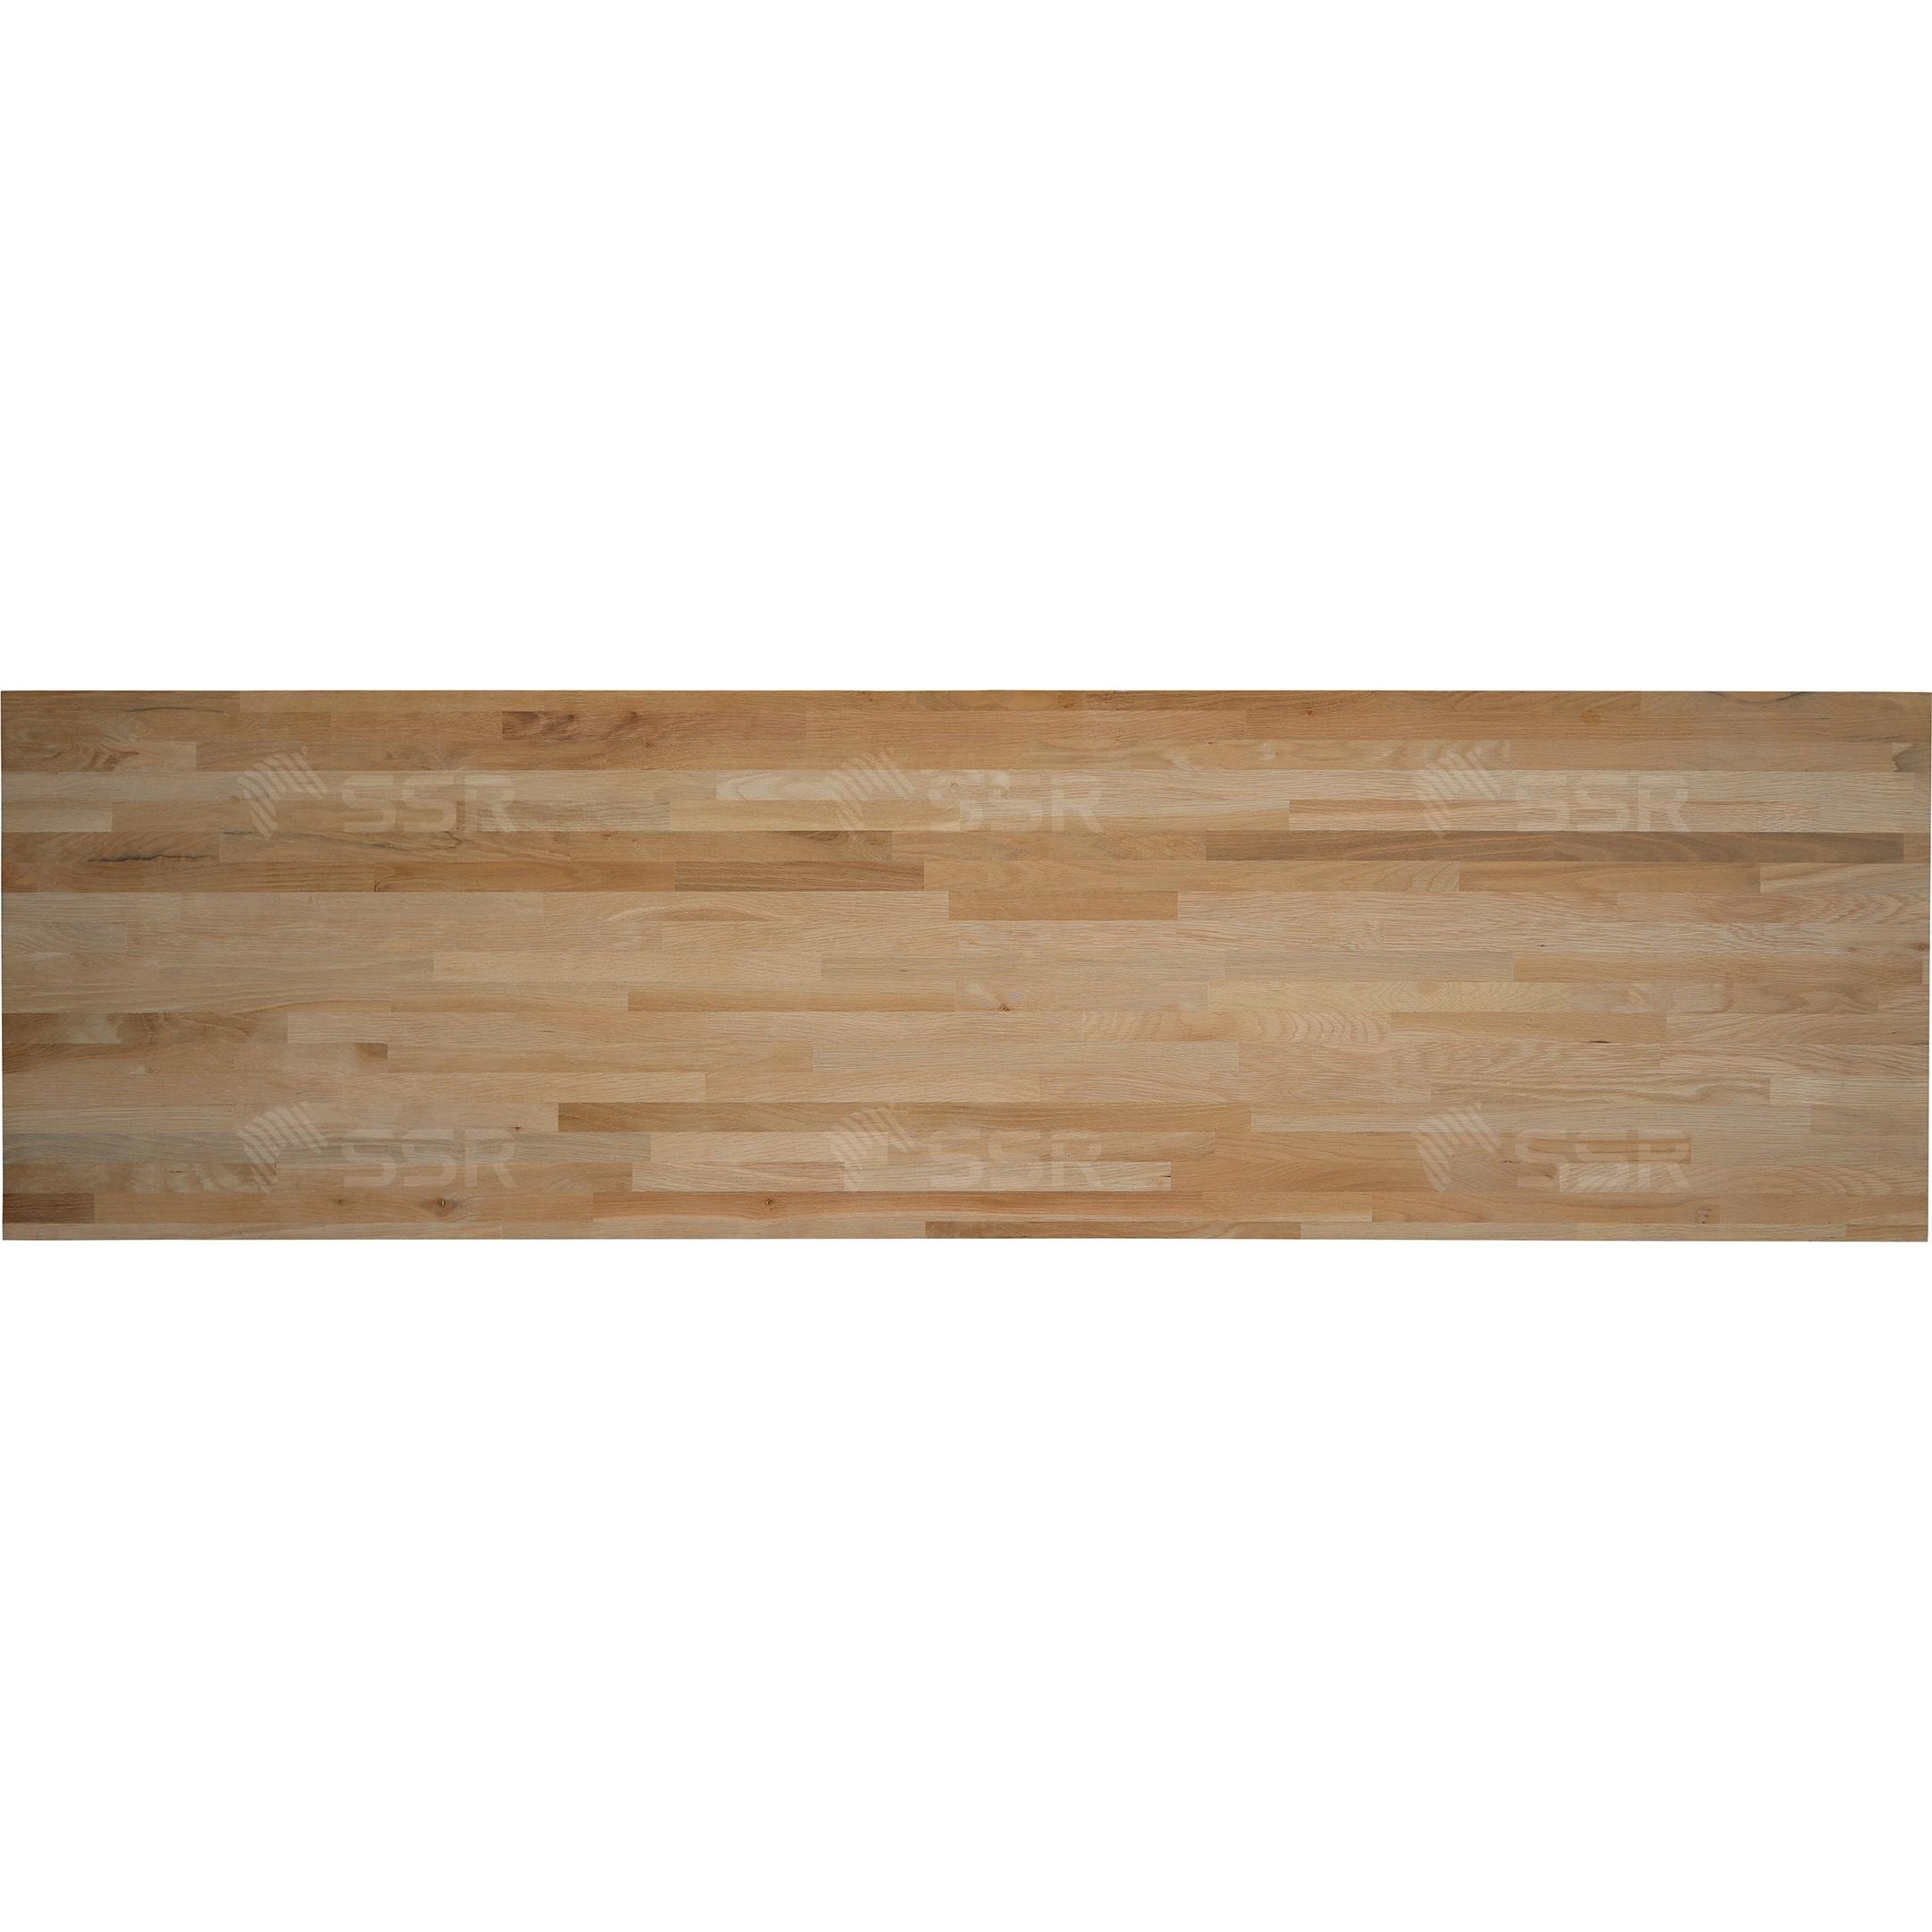 Chêne Bois massif Bois dur Joint de bois Planche de bois Panneau de bois Planche de bois Industrie du bois Global Commerce Commerce Fournisseur international de produits en bois De gros Certifié FSC Commerce international Importation Exportation